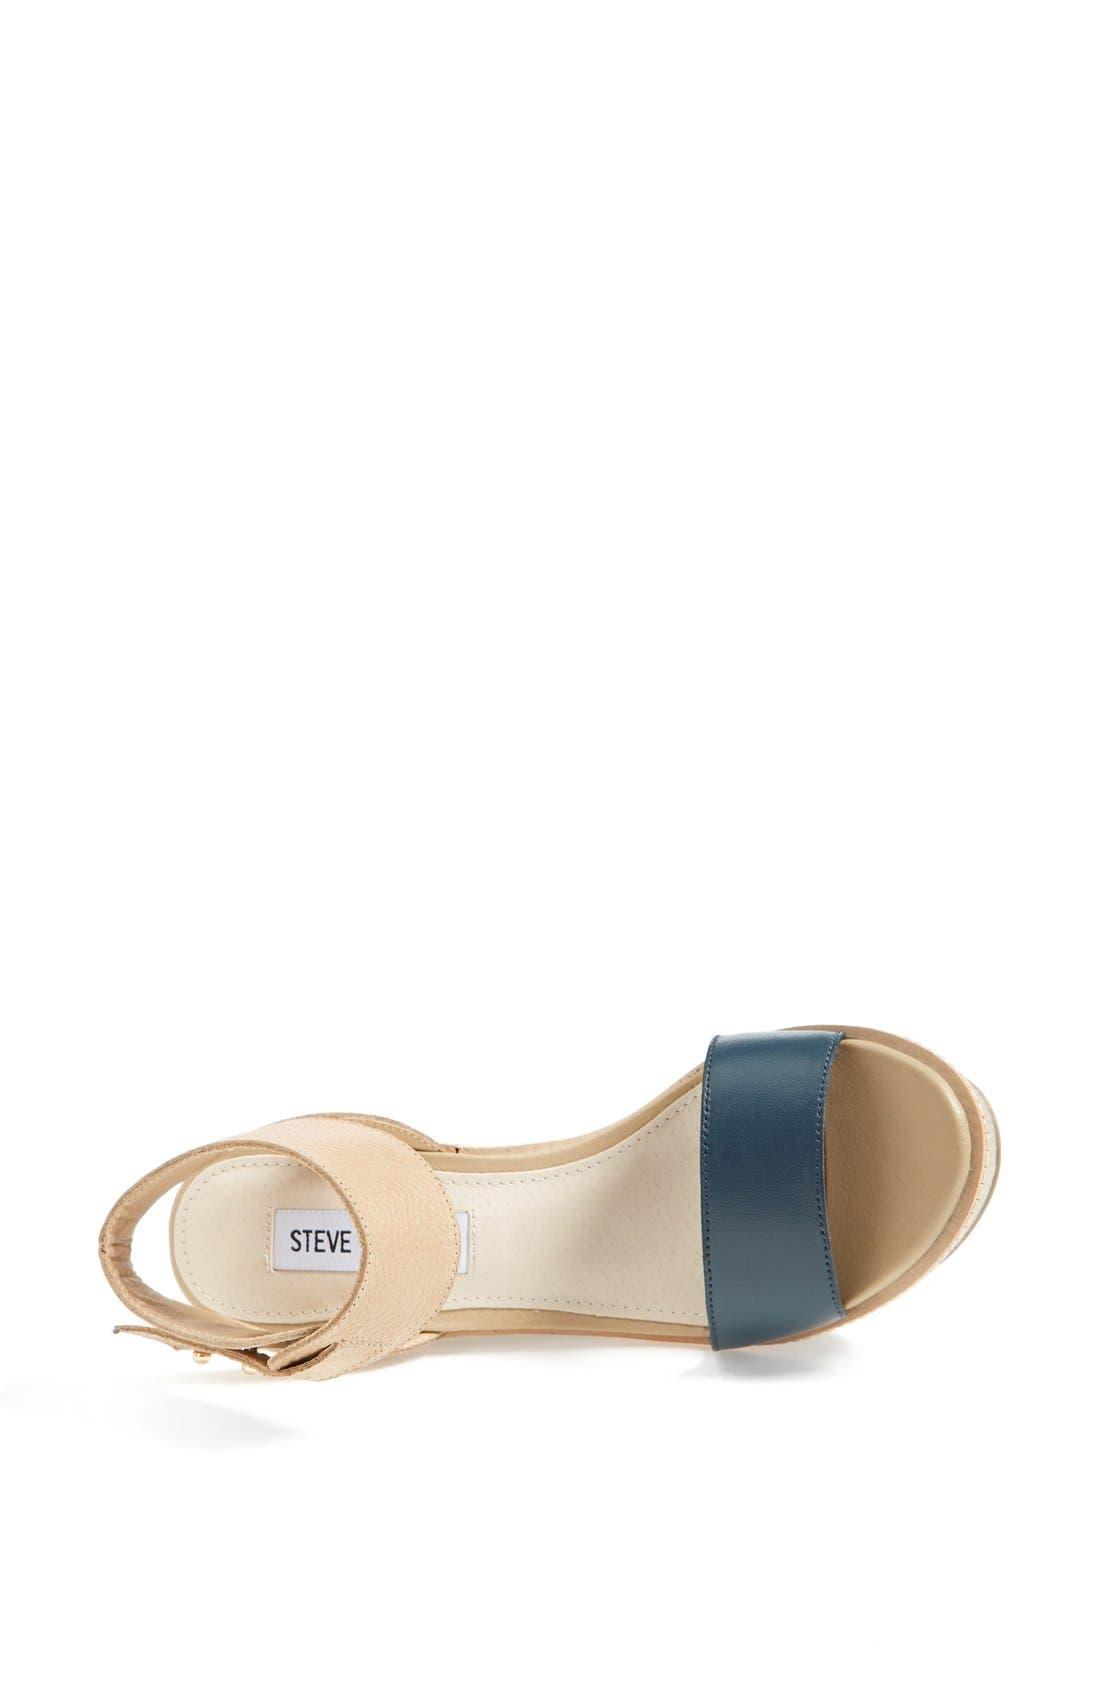 Alternate Image 3  - Steve Madden 'Bevrlie' Sandal (Women)